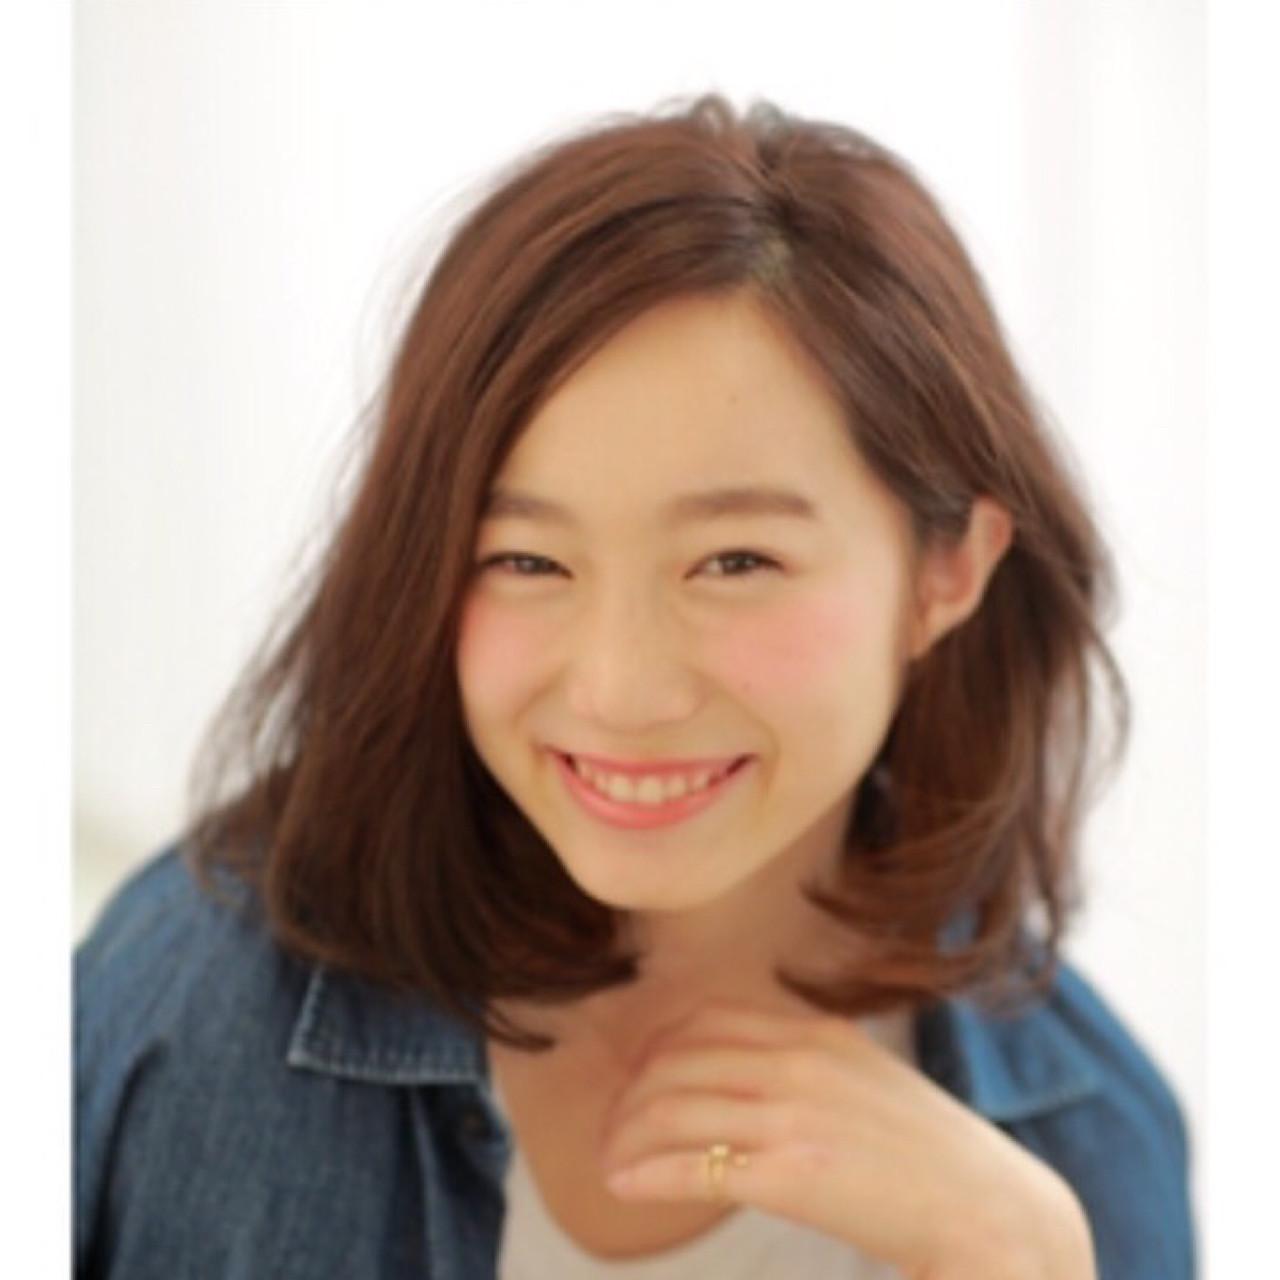 おすすめの長めタンバルモリスタイル① 中田慎吾 | ZELE大宮